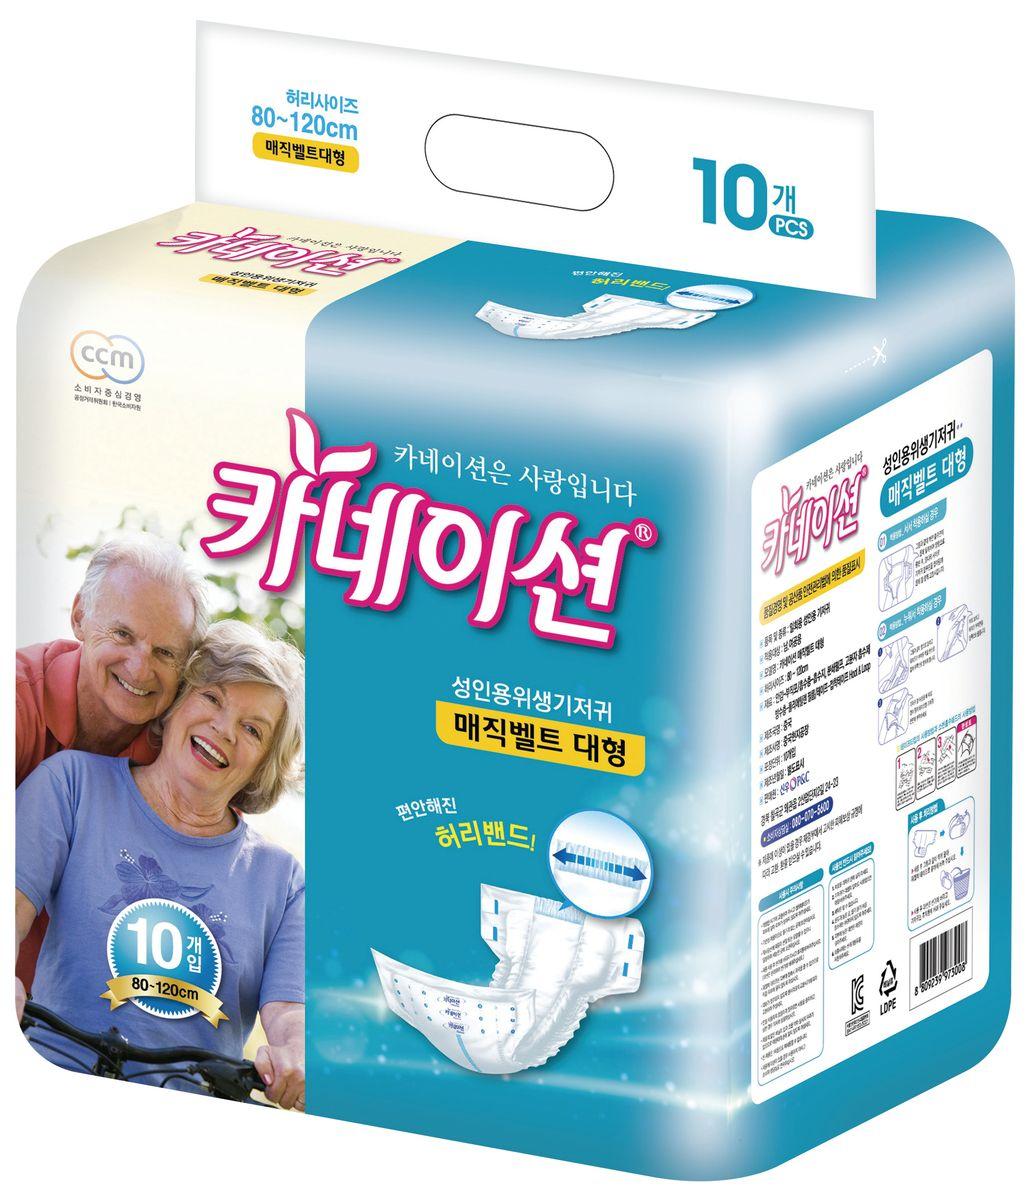 Carnation Подгузники для взрослых М 10 штBE-013-RW10-192Подгузники для взрослых Carnation оснащены липучками, что упрощает надевание. Такие подгузники подойдут для взрослых с недержанием или для ухода за лежачими больными. Обхват талии: от 80 до 120 см. Продукция Carnation производится для внутреннего рынка Южной Кореи и соответствует предъявляемым высоким стандартам качества Республики Корея.